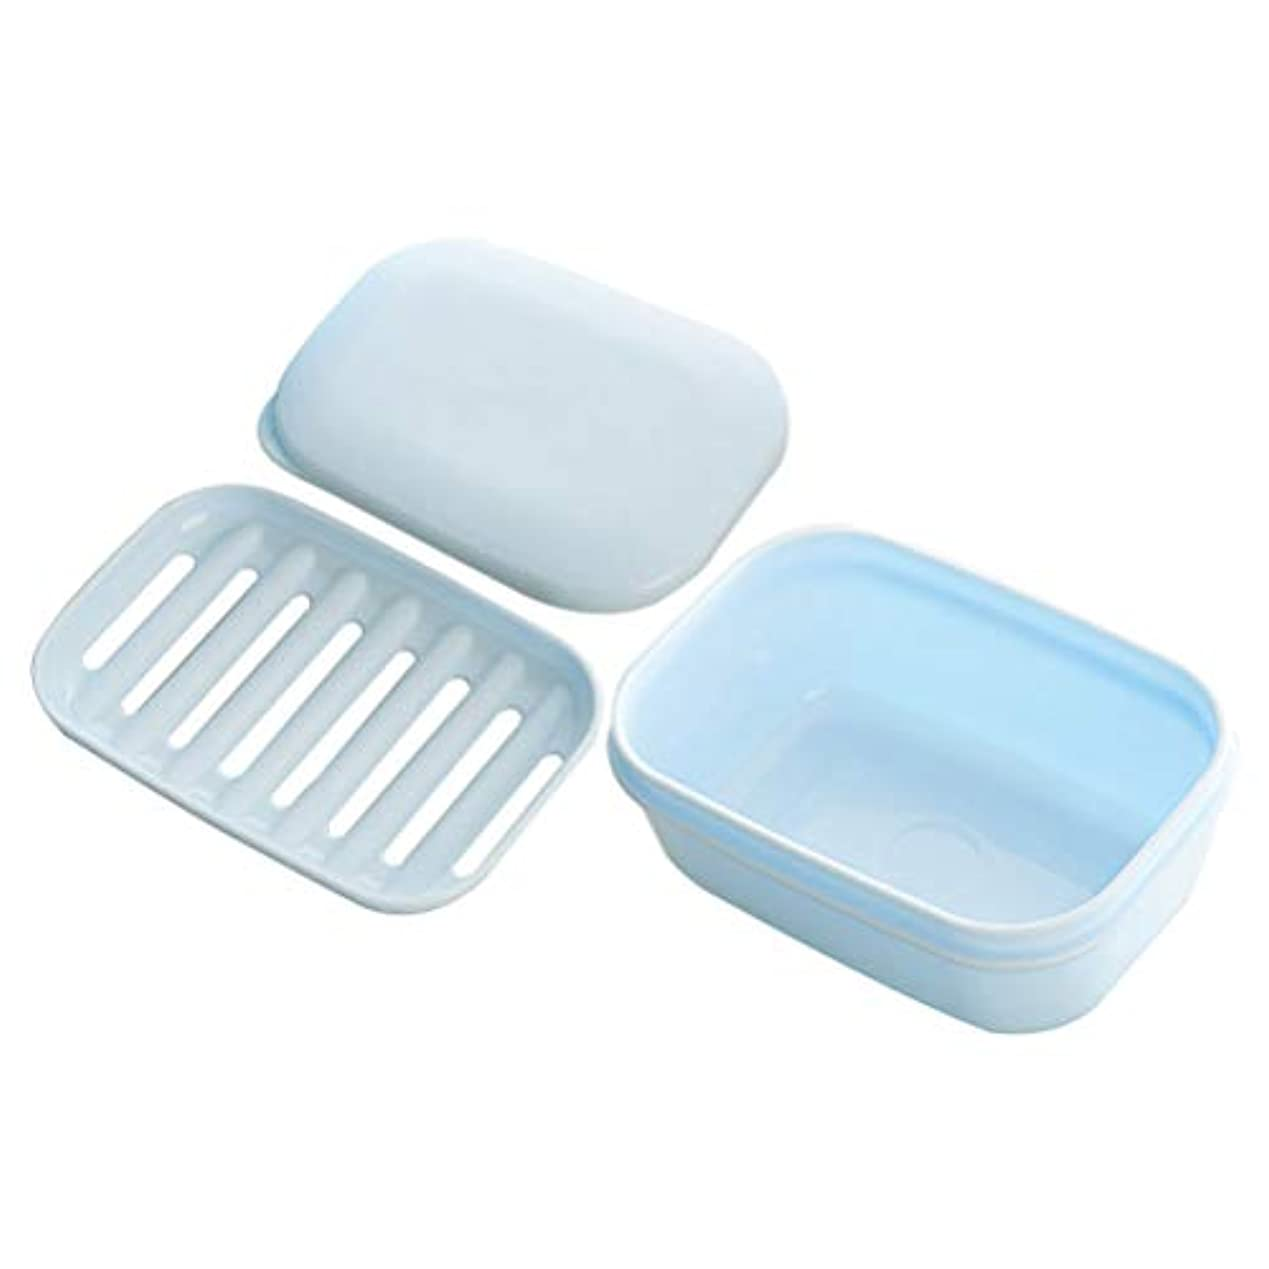 洞察力原油血まみれのHealifty バスルームとキッチンのための排水石けんケースの容器と2pcsDouble層の石鹸ボックスの石鹸の皿